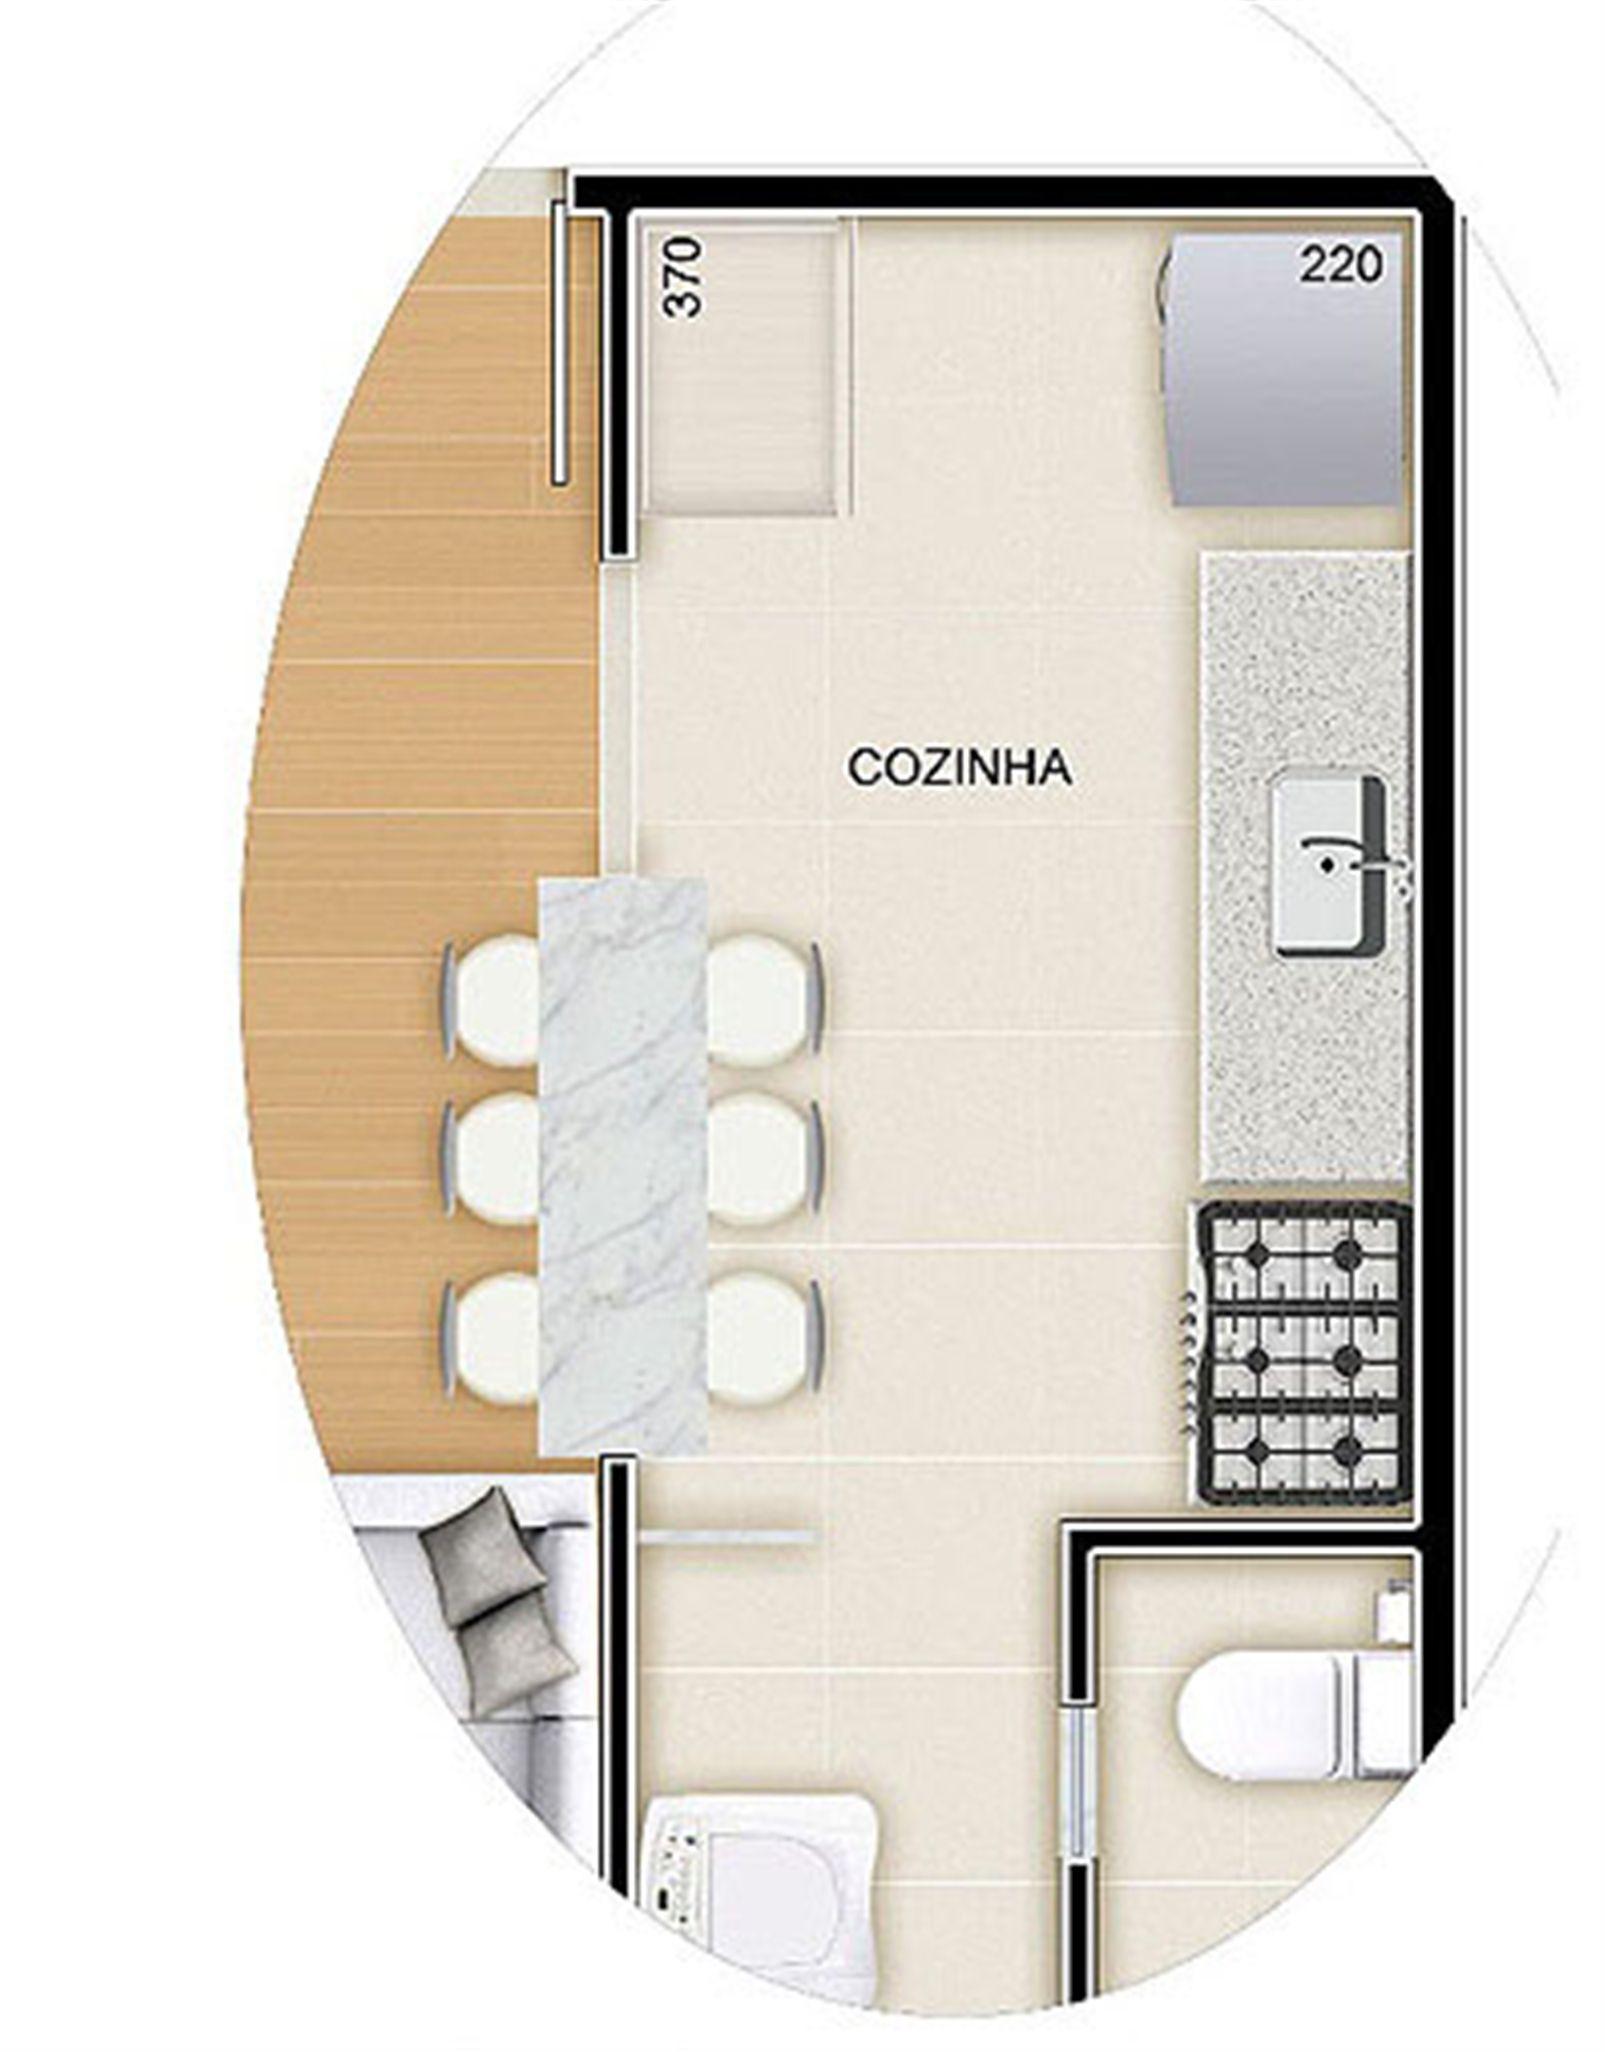 Torres 2 e 3 - 3 Quartos - 85 m² - Planta tipo   Reserva Verde Residencial Park – Apartamentoem  Laranjeiras - Serra - Espírito Santo